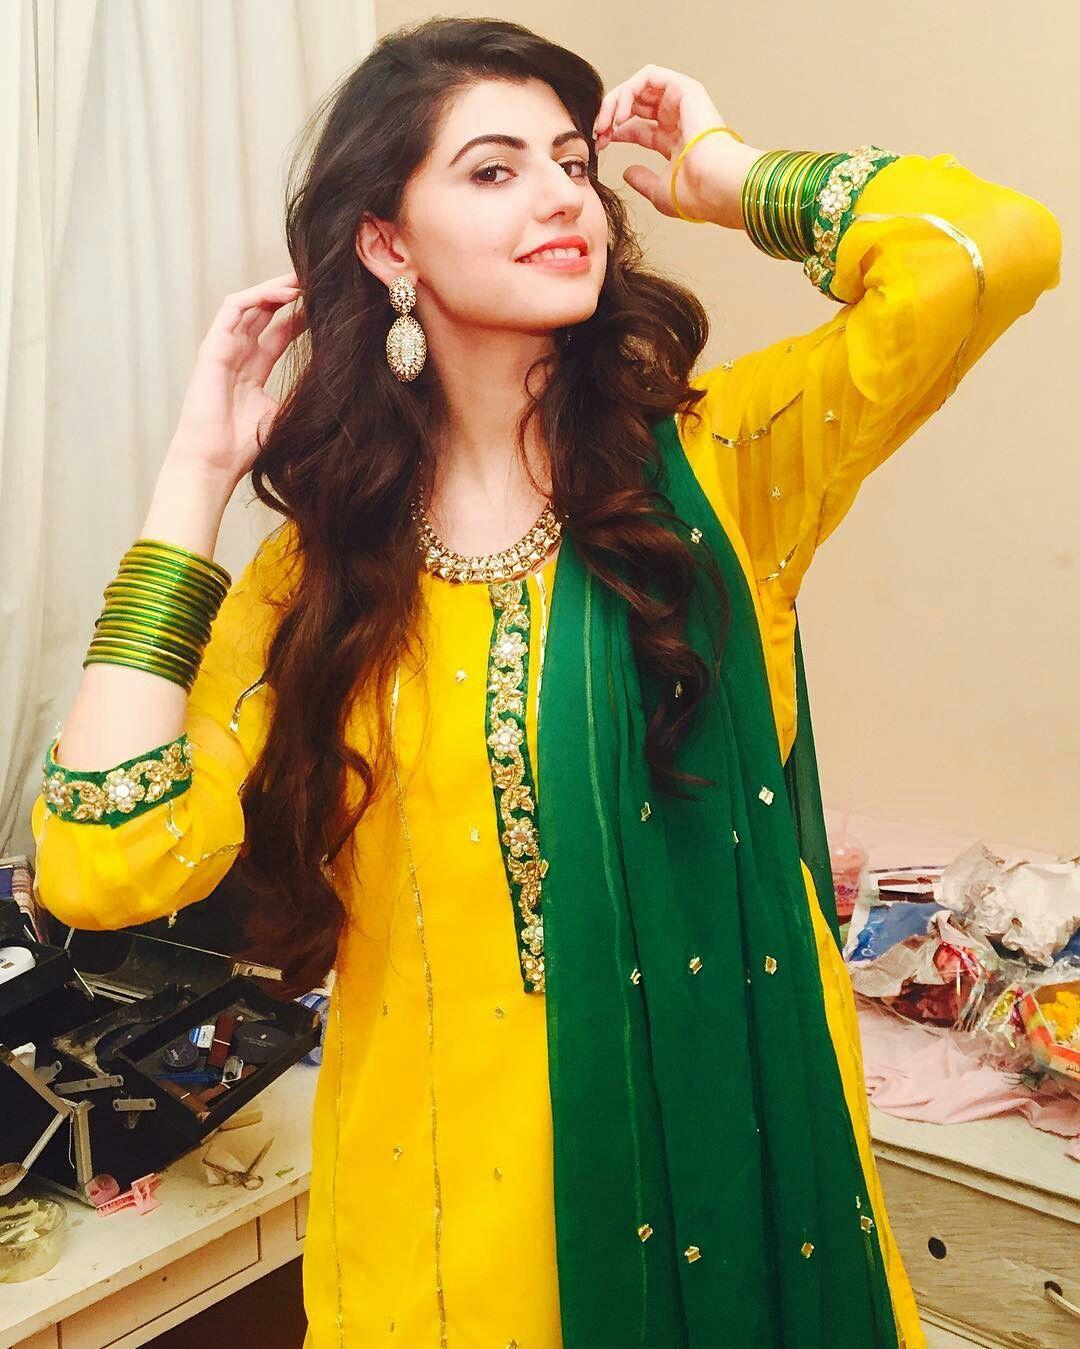 Anam Gouhar Pakistani hot actress